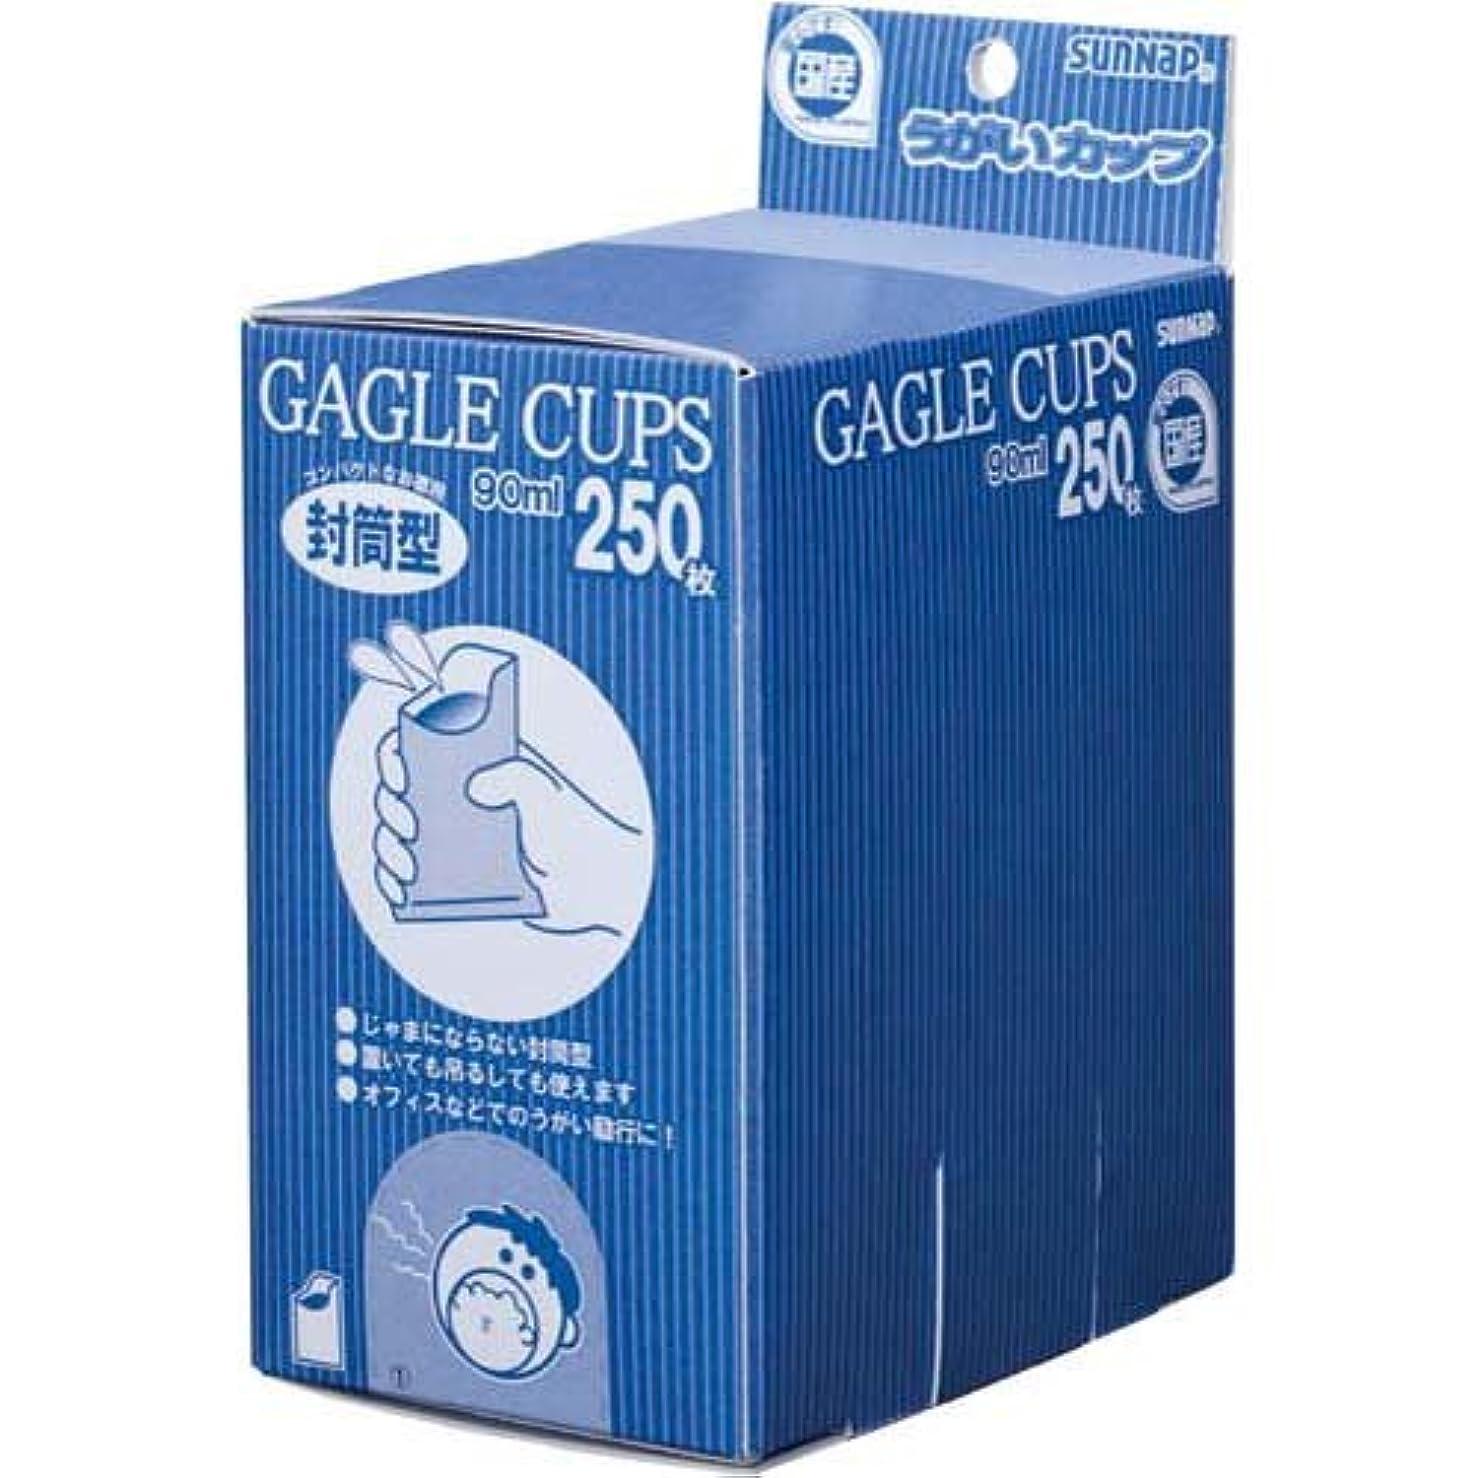 ハウス高くつまらないサンナップ 封筒型うがいカップ250枚×5箱